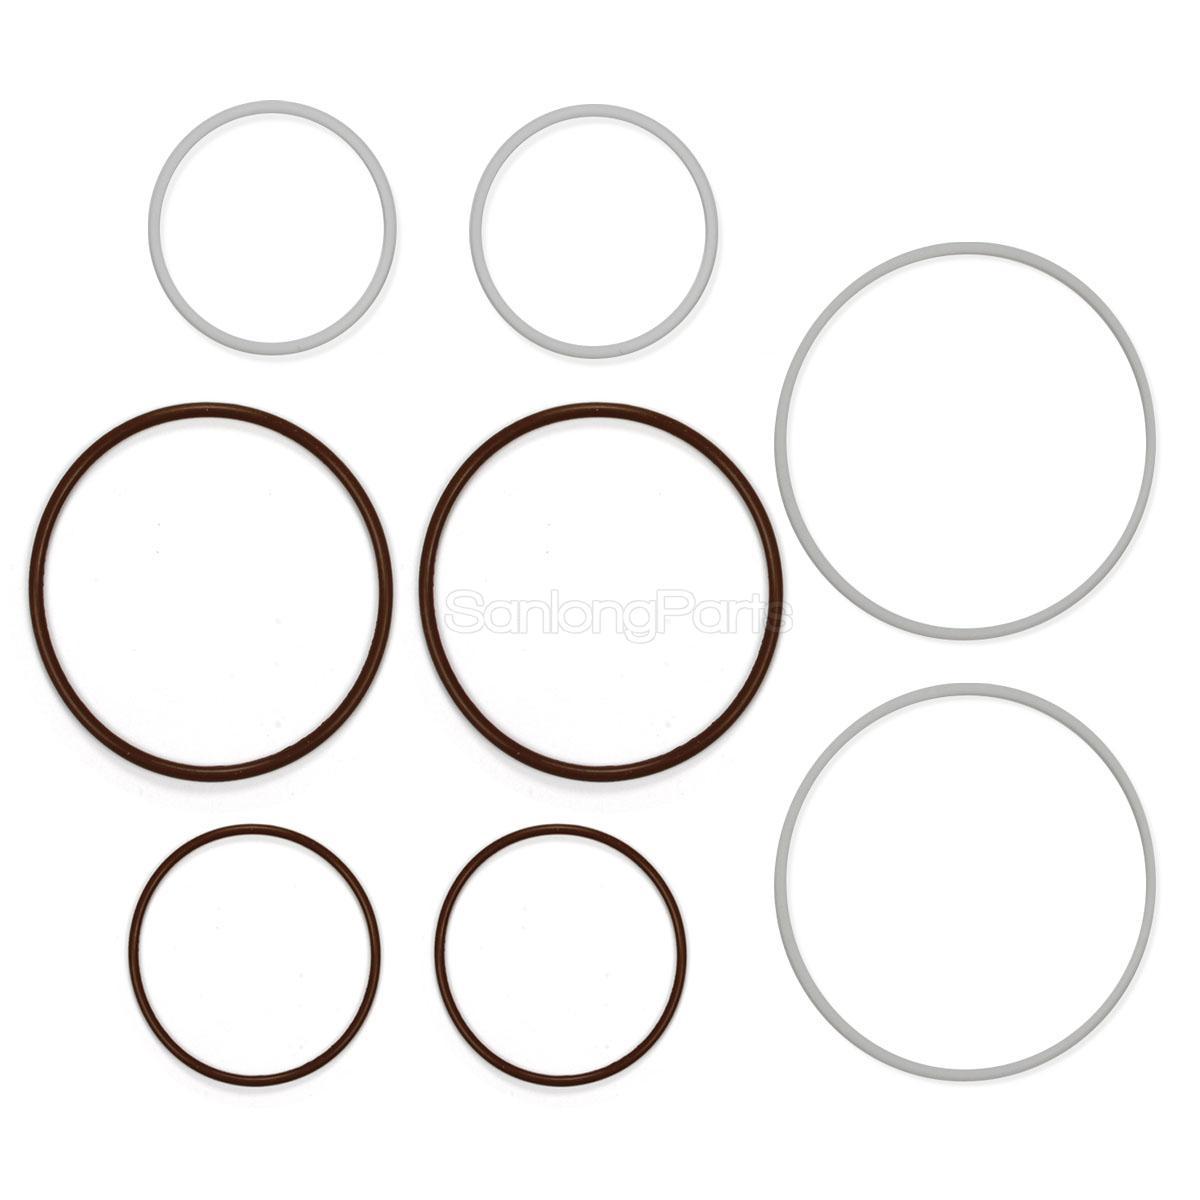 Dual Vanos Seals O Ring Repair Kit Fits E36 E39 E46 E53